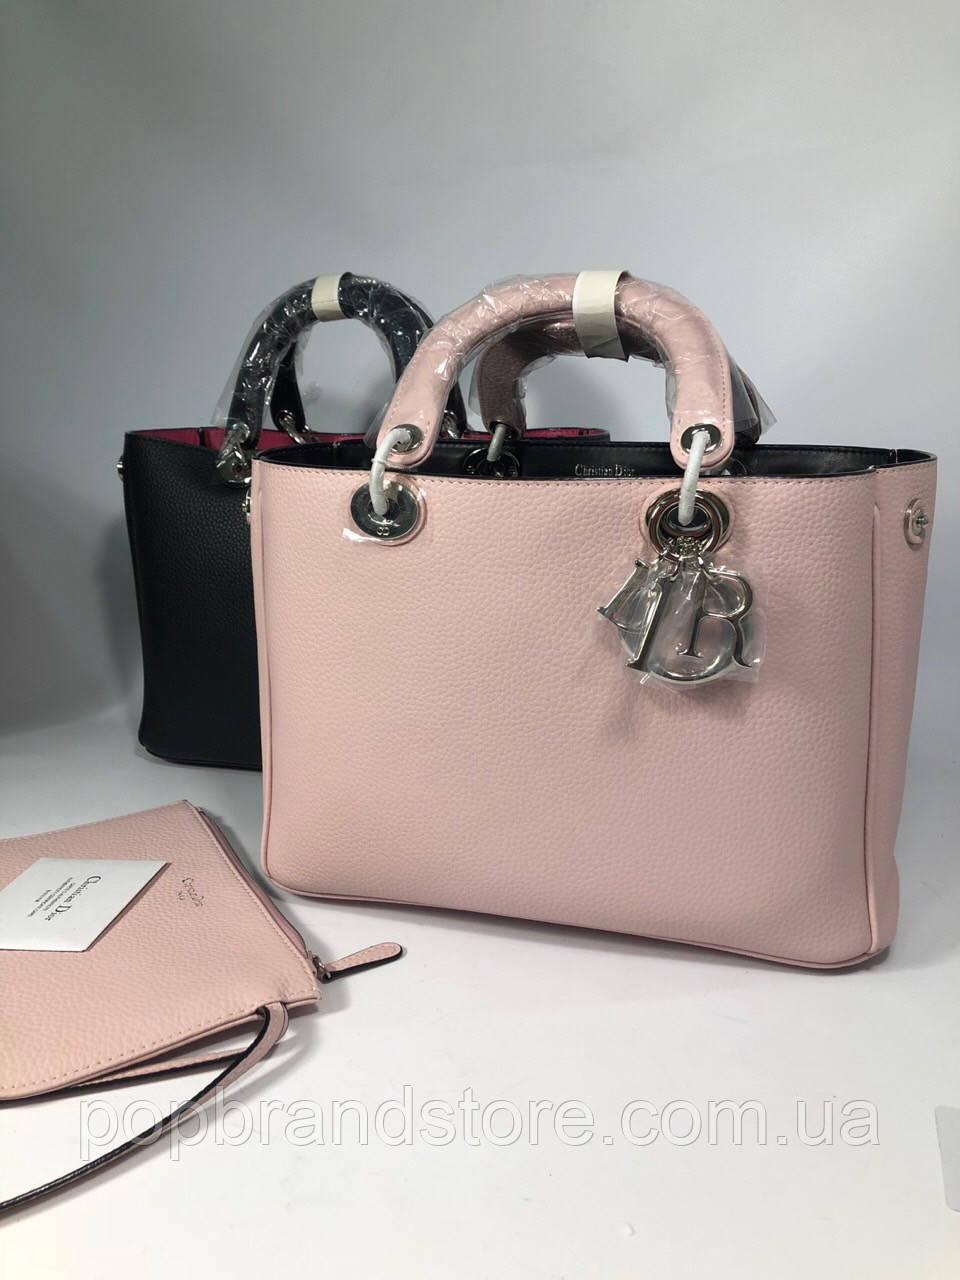 Женская кожаная сумка DIOR Diorissimo lux (реплика)  продажа, цена в ... 73e891bf6d9